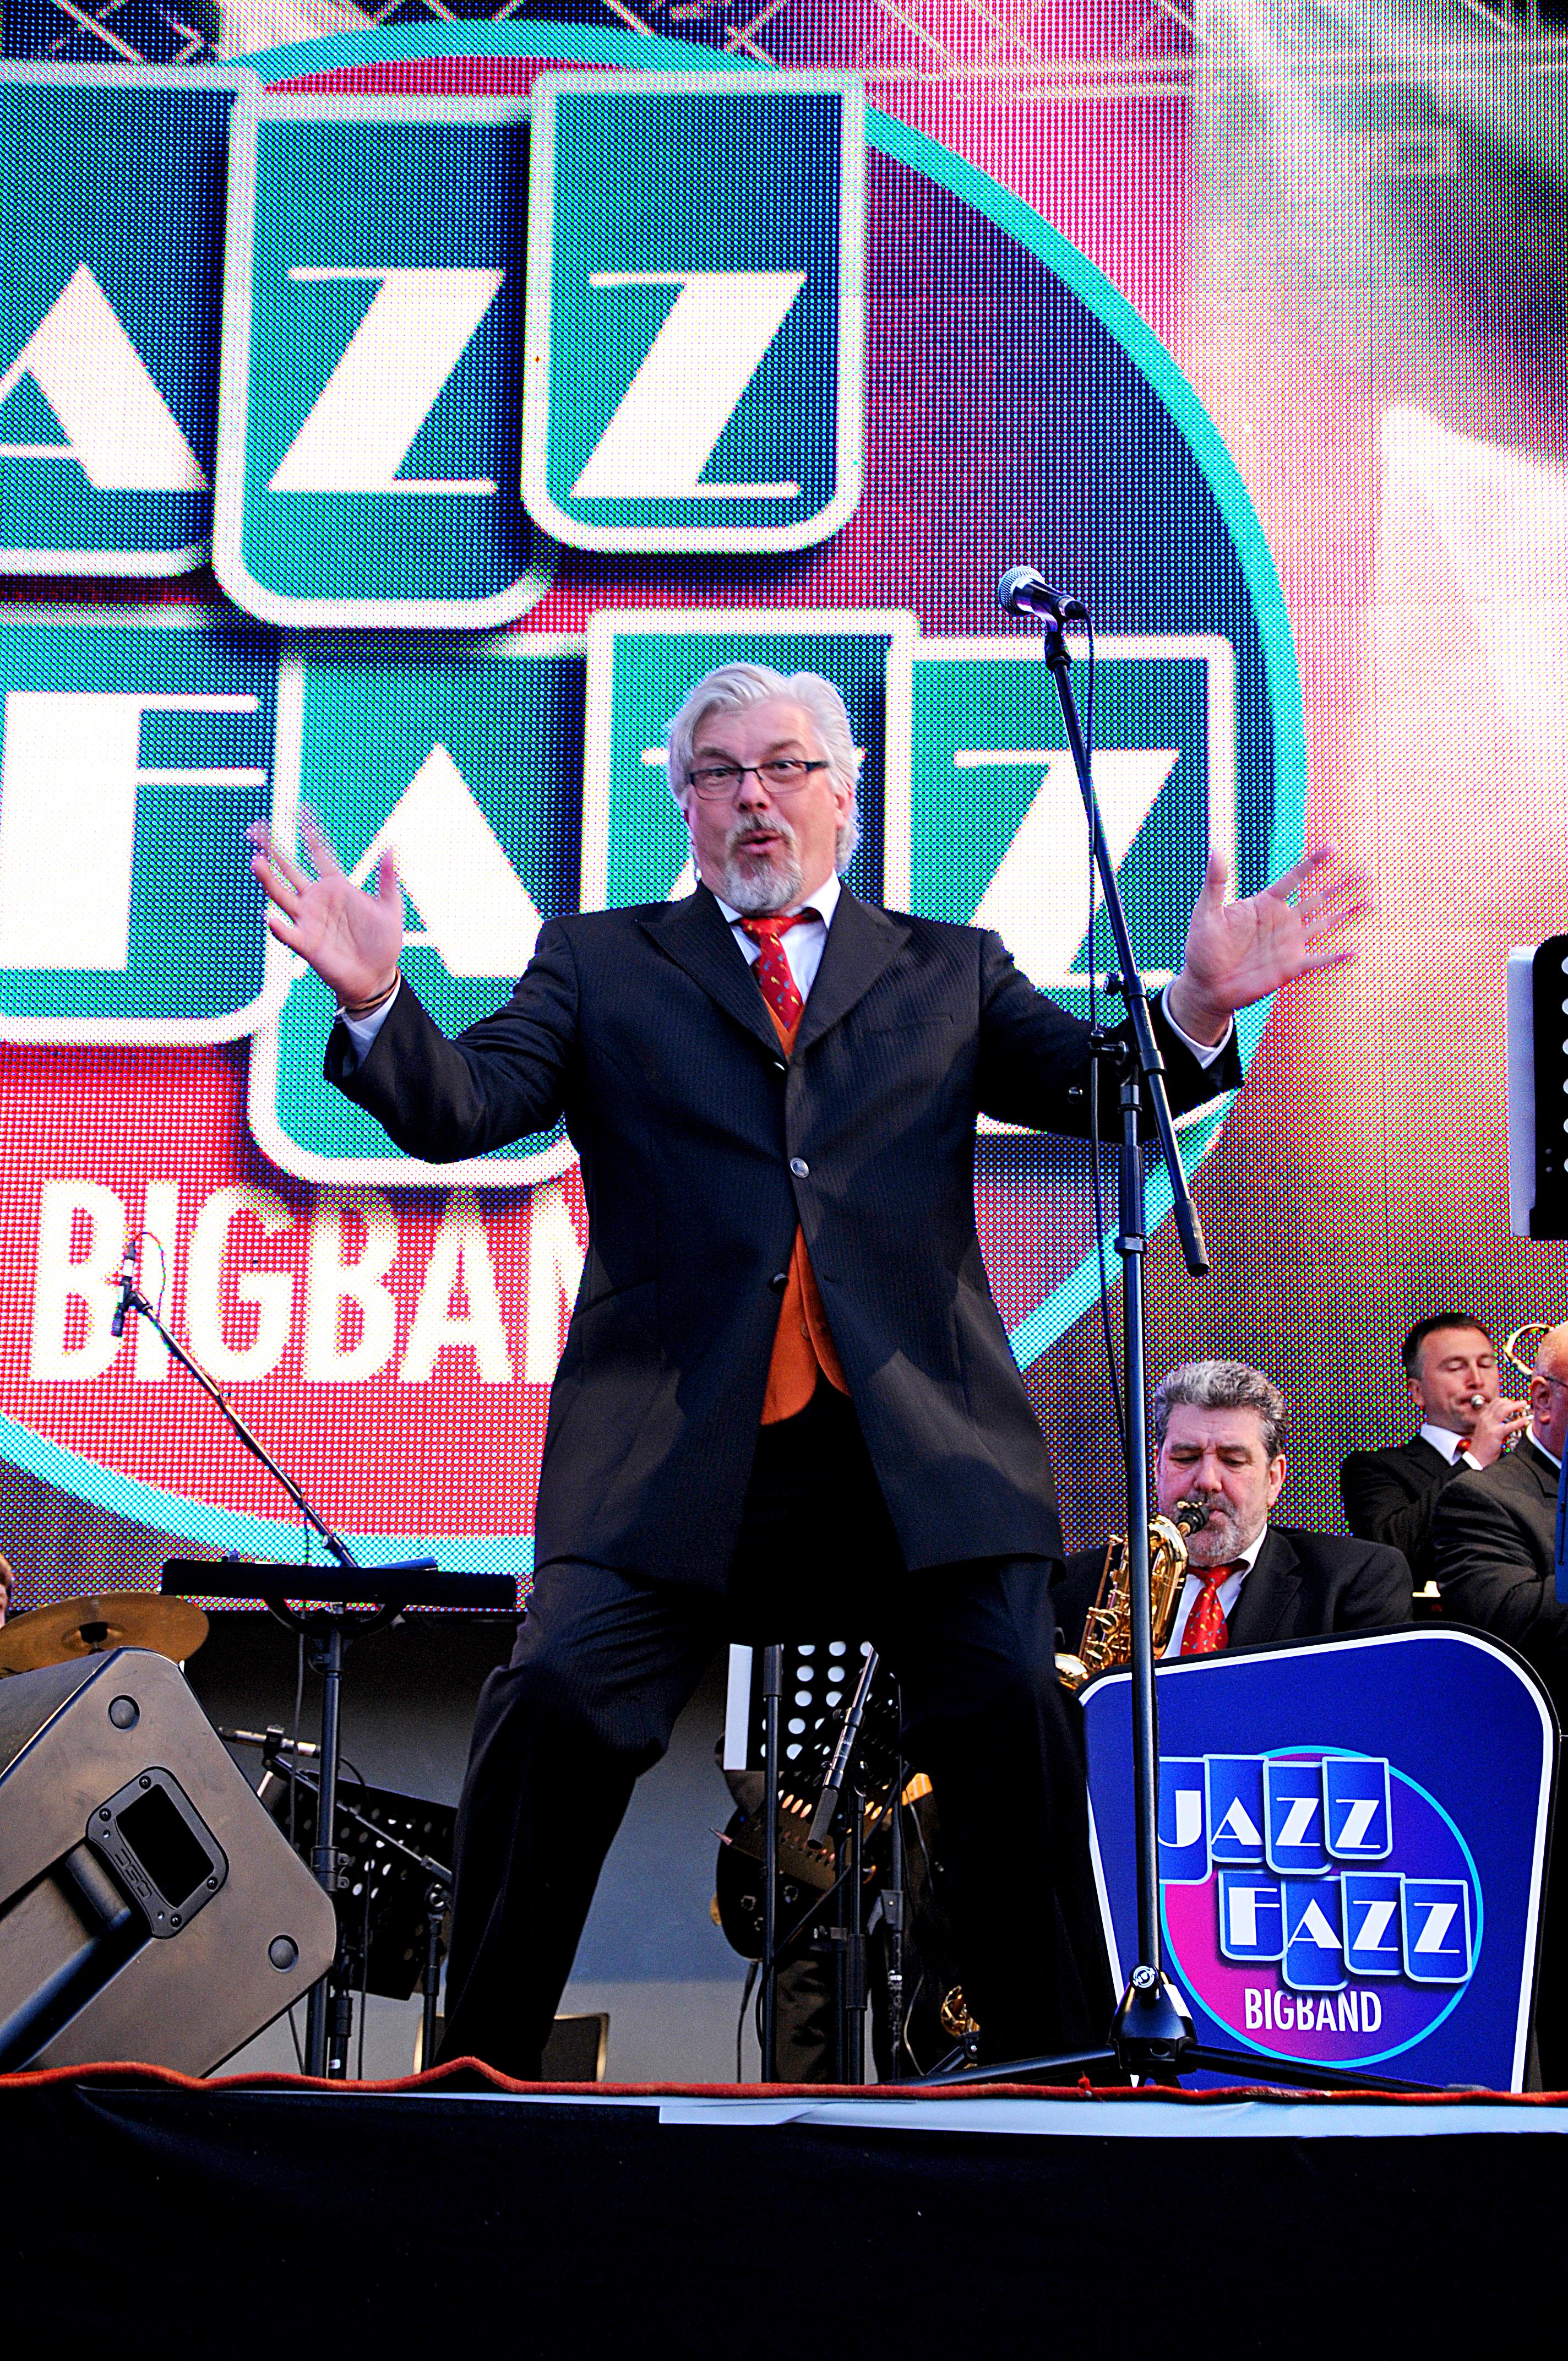 jazzfazzpresse ruhnke.jpg